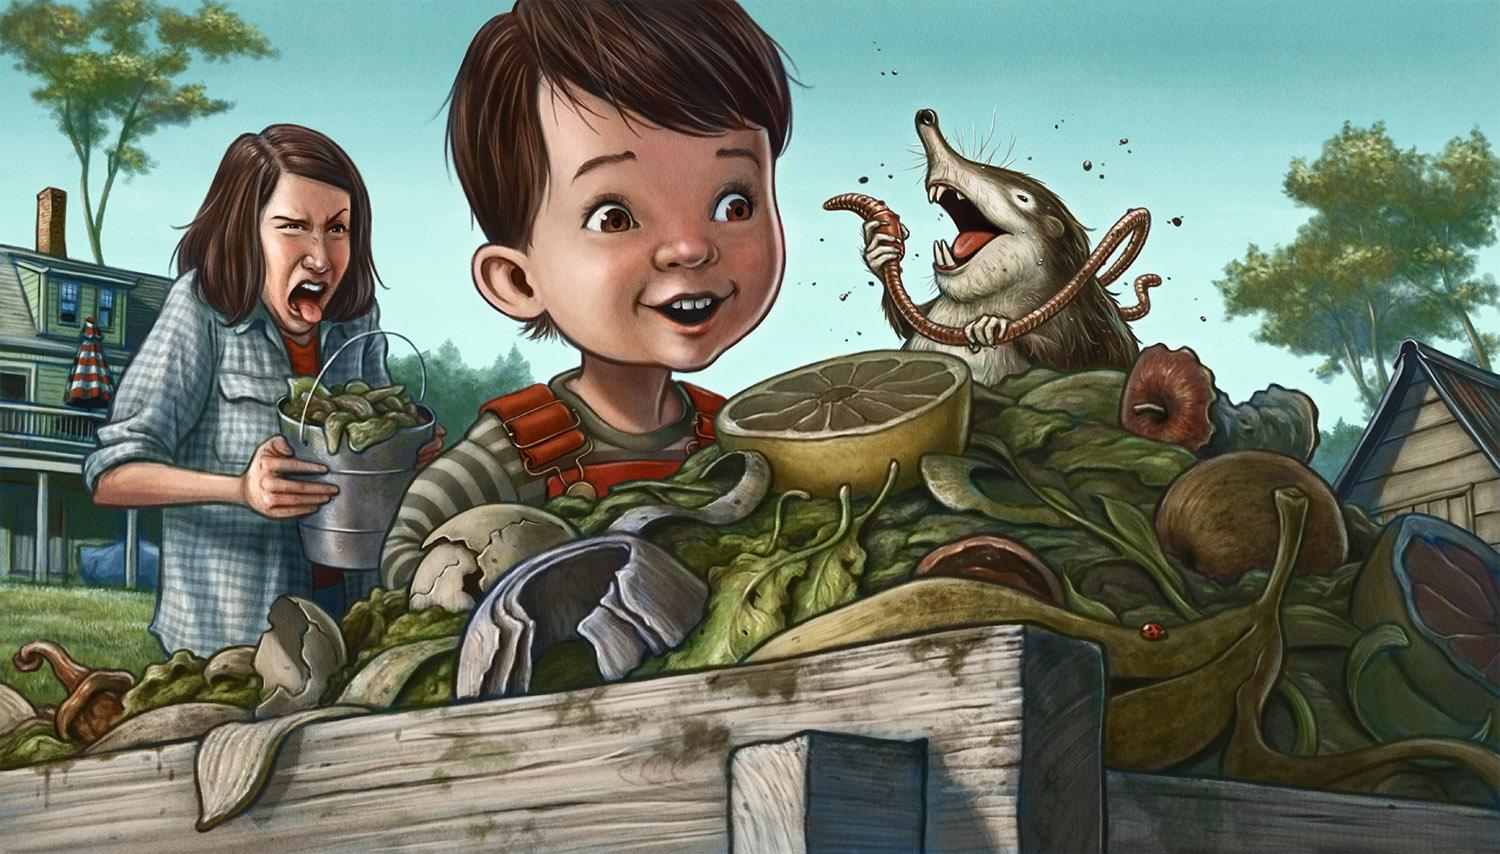 shrew-illustration-squier.jpg